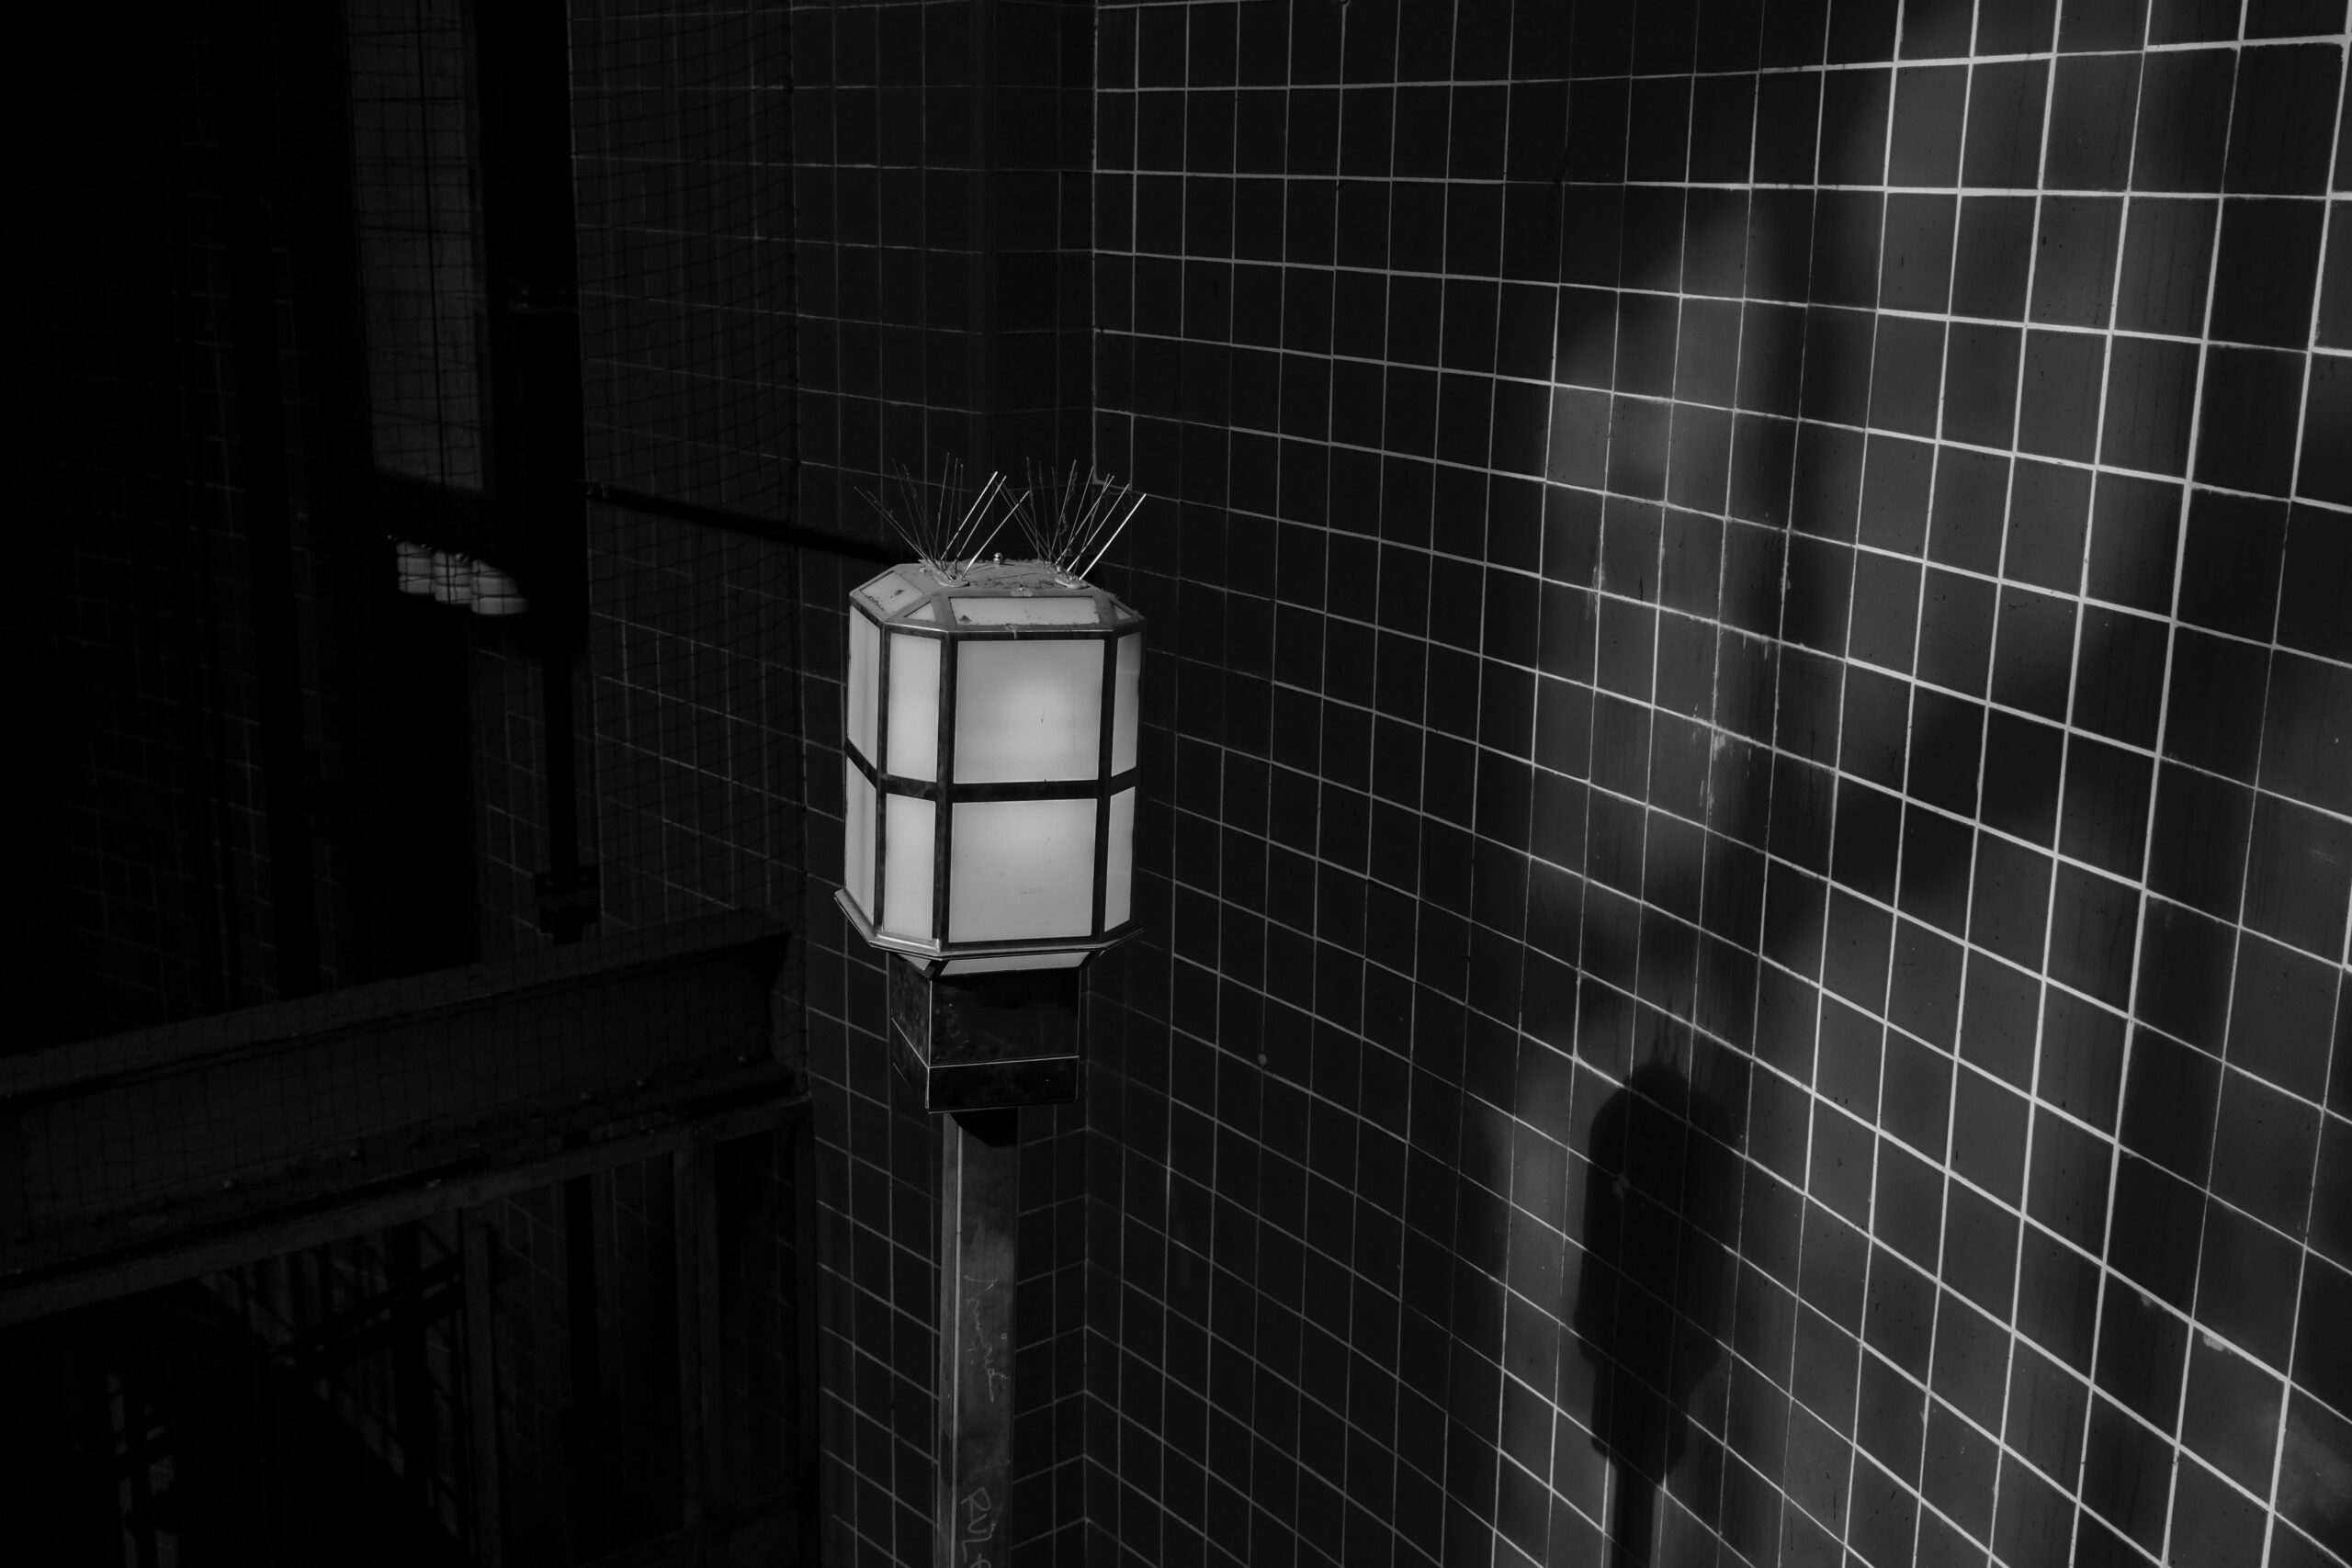 Brigitte - Feierabendtour 24.06.2021 - Wo Licht ist, ist auch Schatten